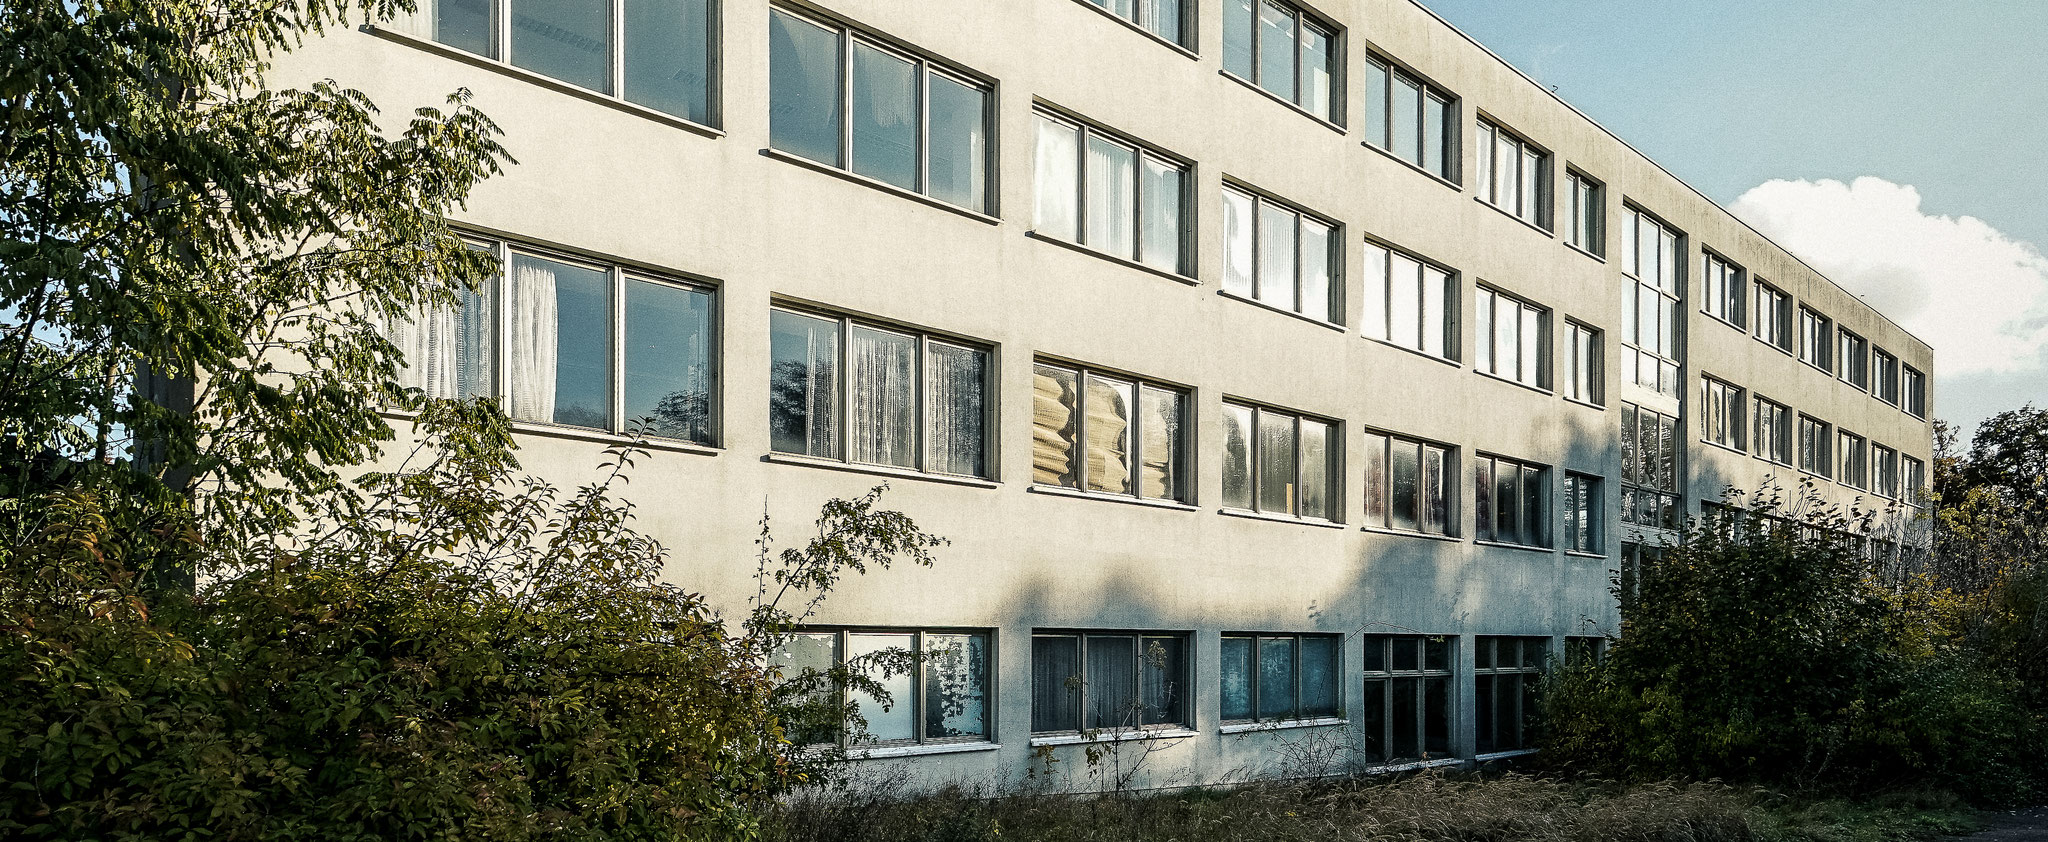 Die ungenutzten Gebäude des Schulungsheim